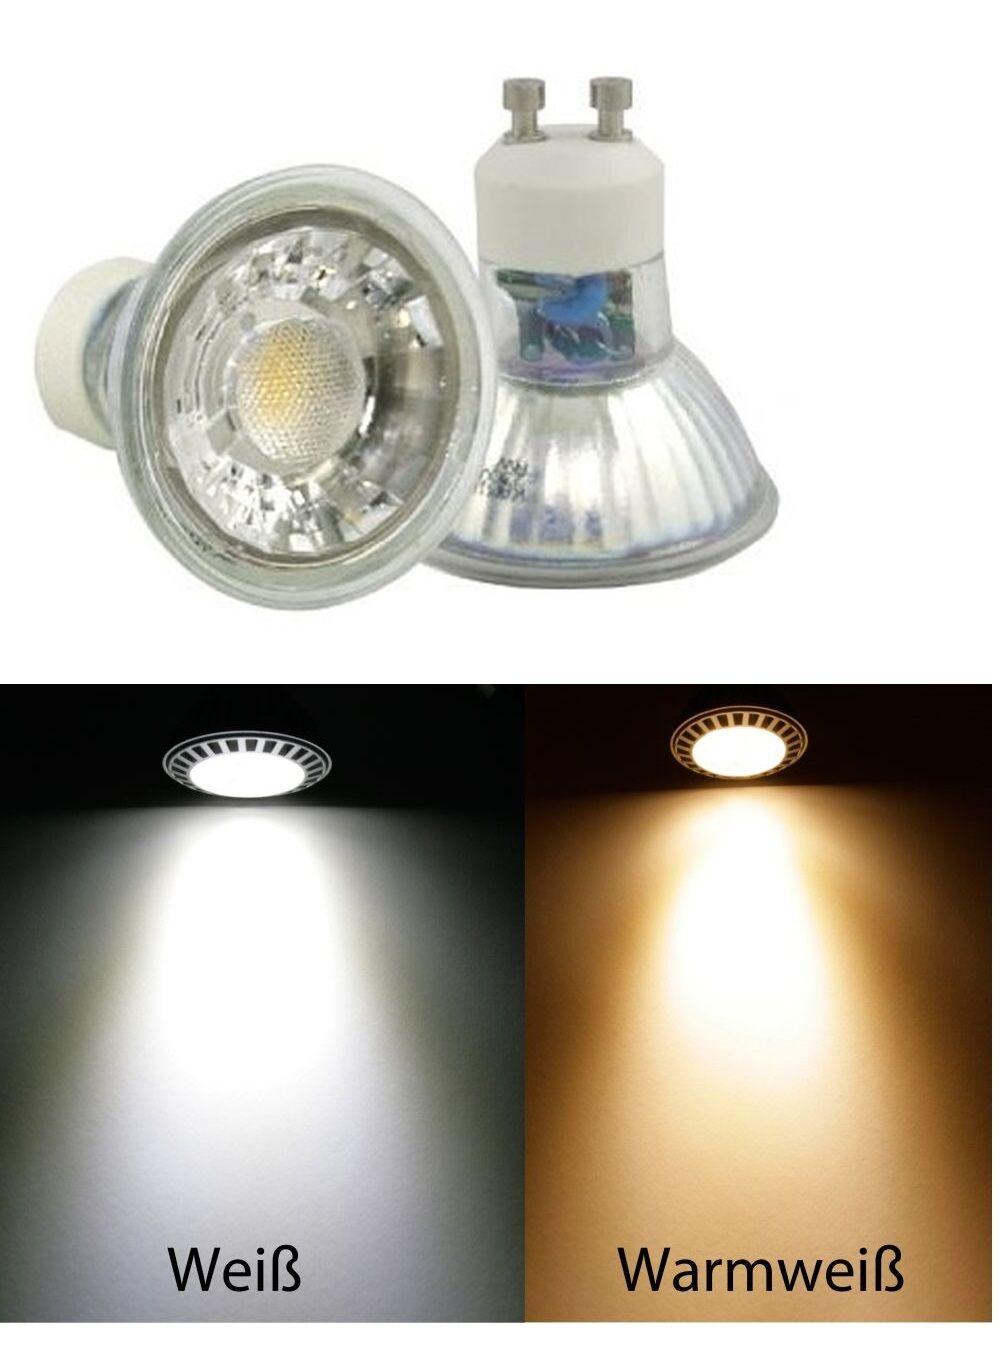 Mcob Lámpara LED   230V  5W  36° Ángulo de Emisión 450 Lumen  3000k  4000k